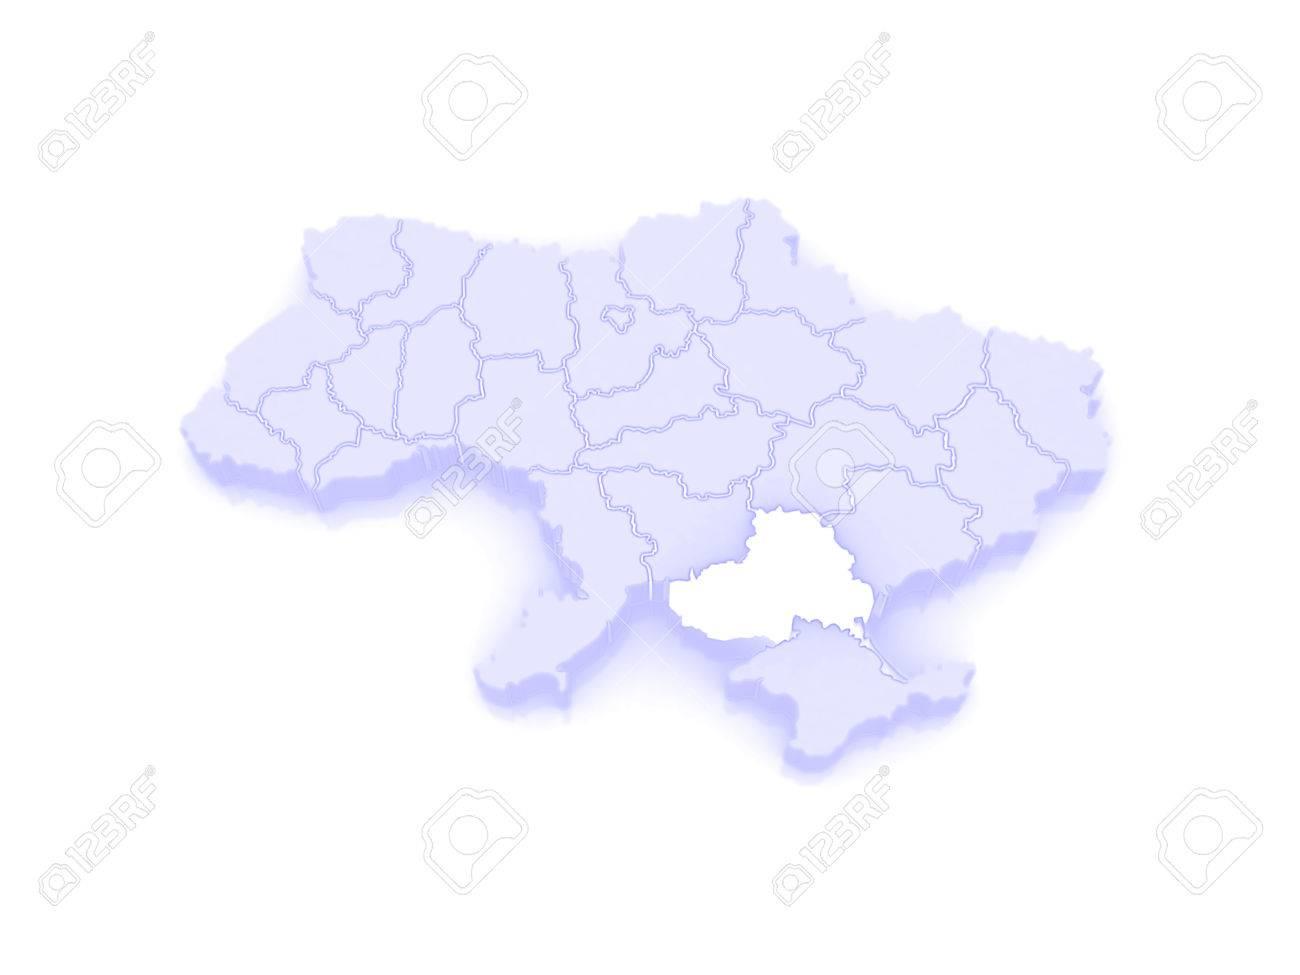 Map of Kherson region. Ukraine. 3d Kherson Ukraine Map on bessarabia ukraine map, odessa ukraine map, kryvyi rih, kharkov ukraine map, zhytomyr ukraine map, kramatorsk ukraine map, slavuta ukraine map, kiev ukraine map, ukraine country map, amsterdam ukraine map, ukraine rebel map, ukraine provinces map, russia invades ukraine map, kharkiv ukraine map, dnipropetrovsk ukraine map, chernihiv ukraine map, ukraine oblast map, yuzhny ukraine map, cherkasy ukraine map, dnieper river, ukraine ato map, marinka ukraine map,